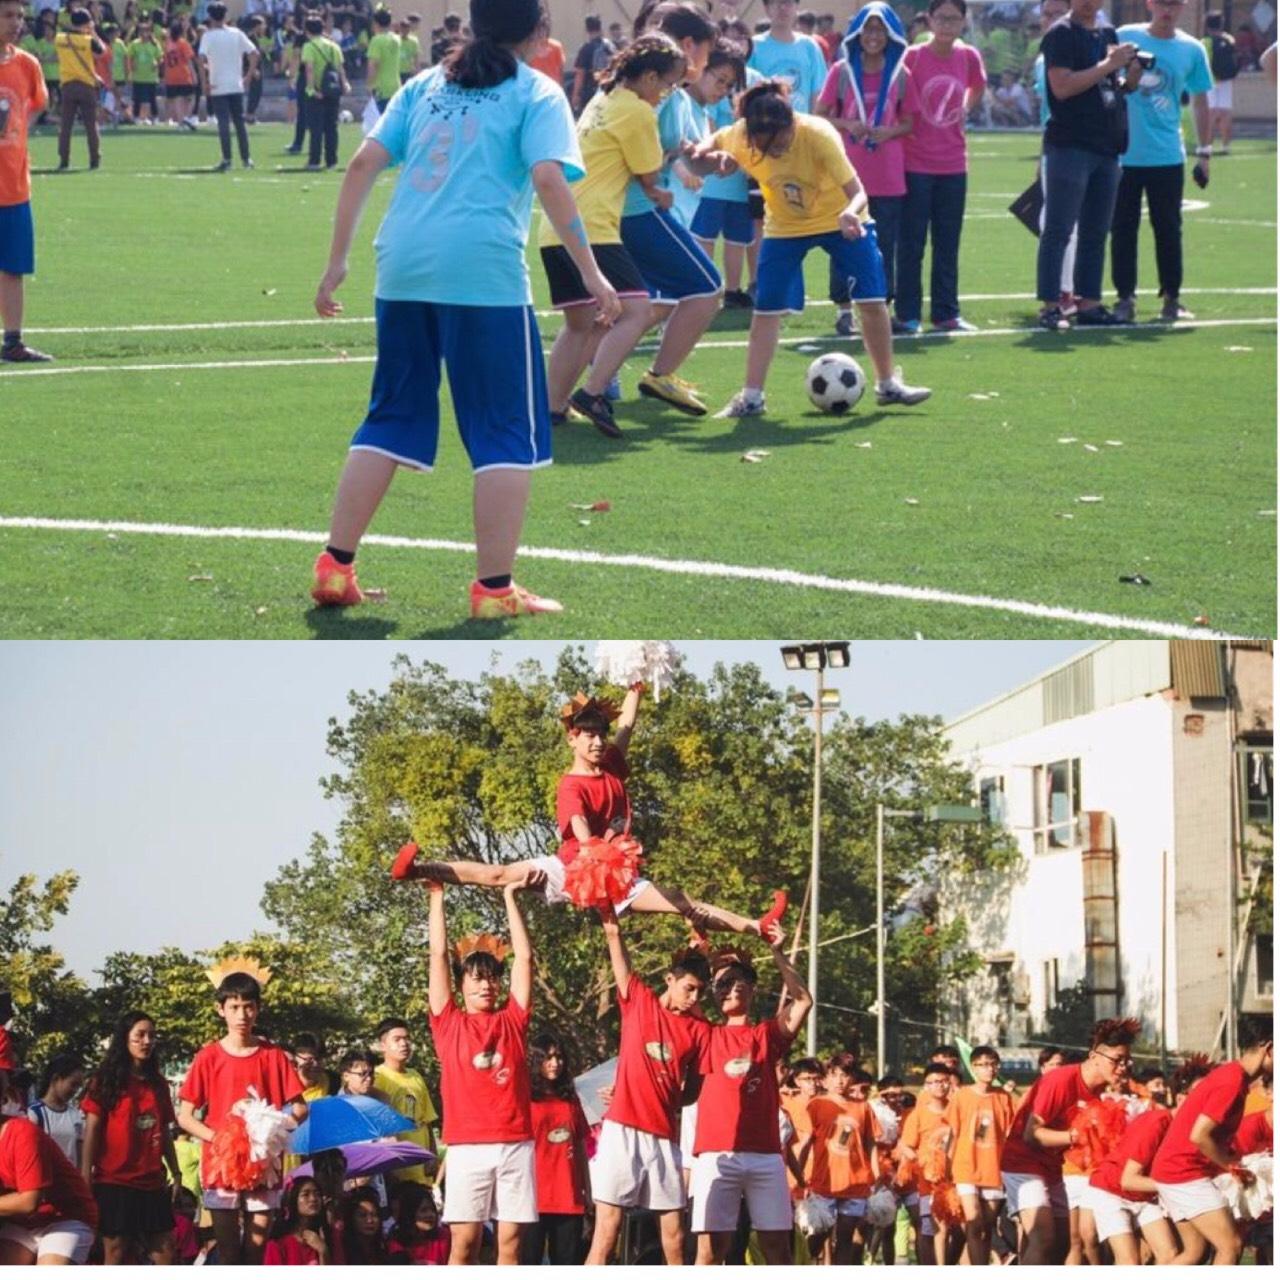 Bật mí bí mật của 3 ngôi trường nổi tiếng ở Hà Nội: Có 1 sở thú ngay trong trường, học hành bị stress quá thì rủ nhau trốn lên cửa trời - Ảnh 15.